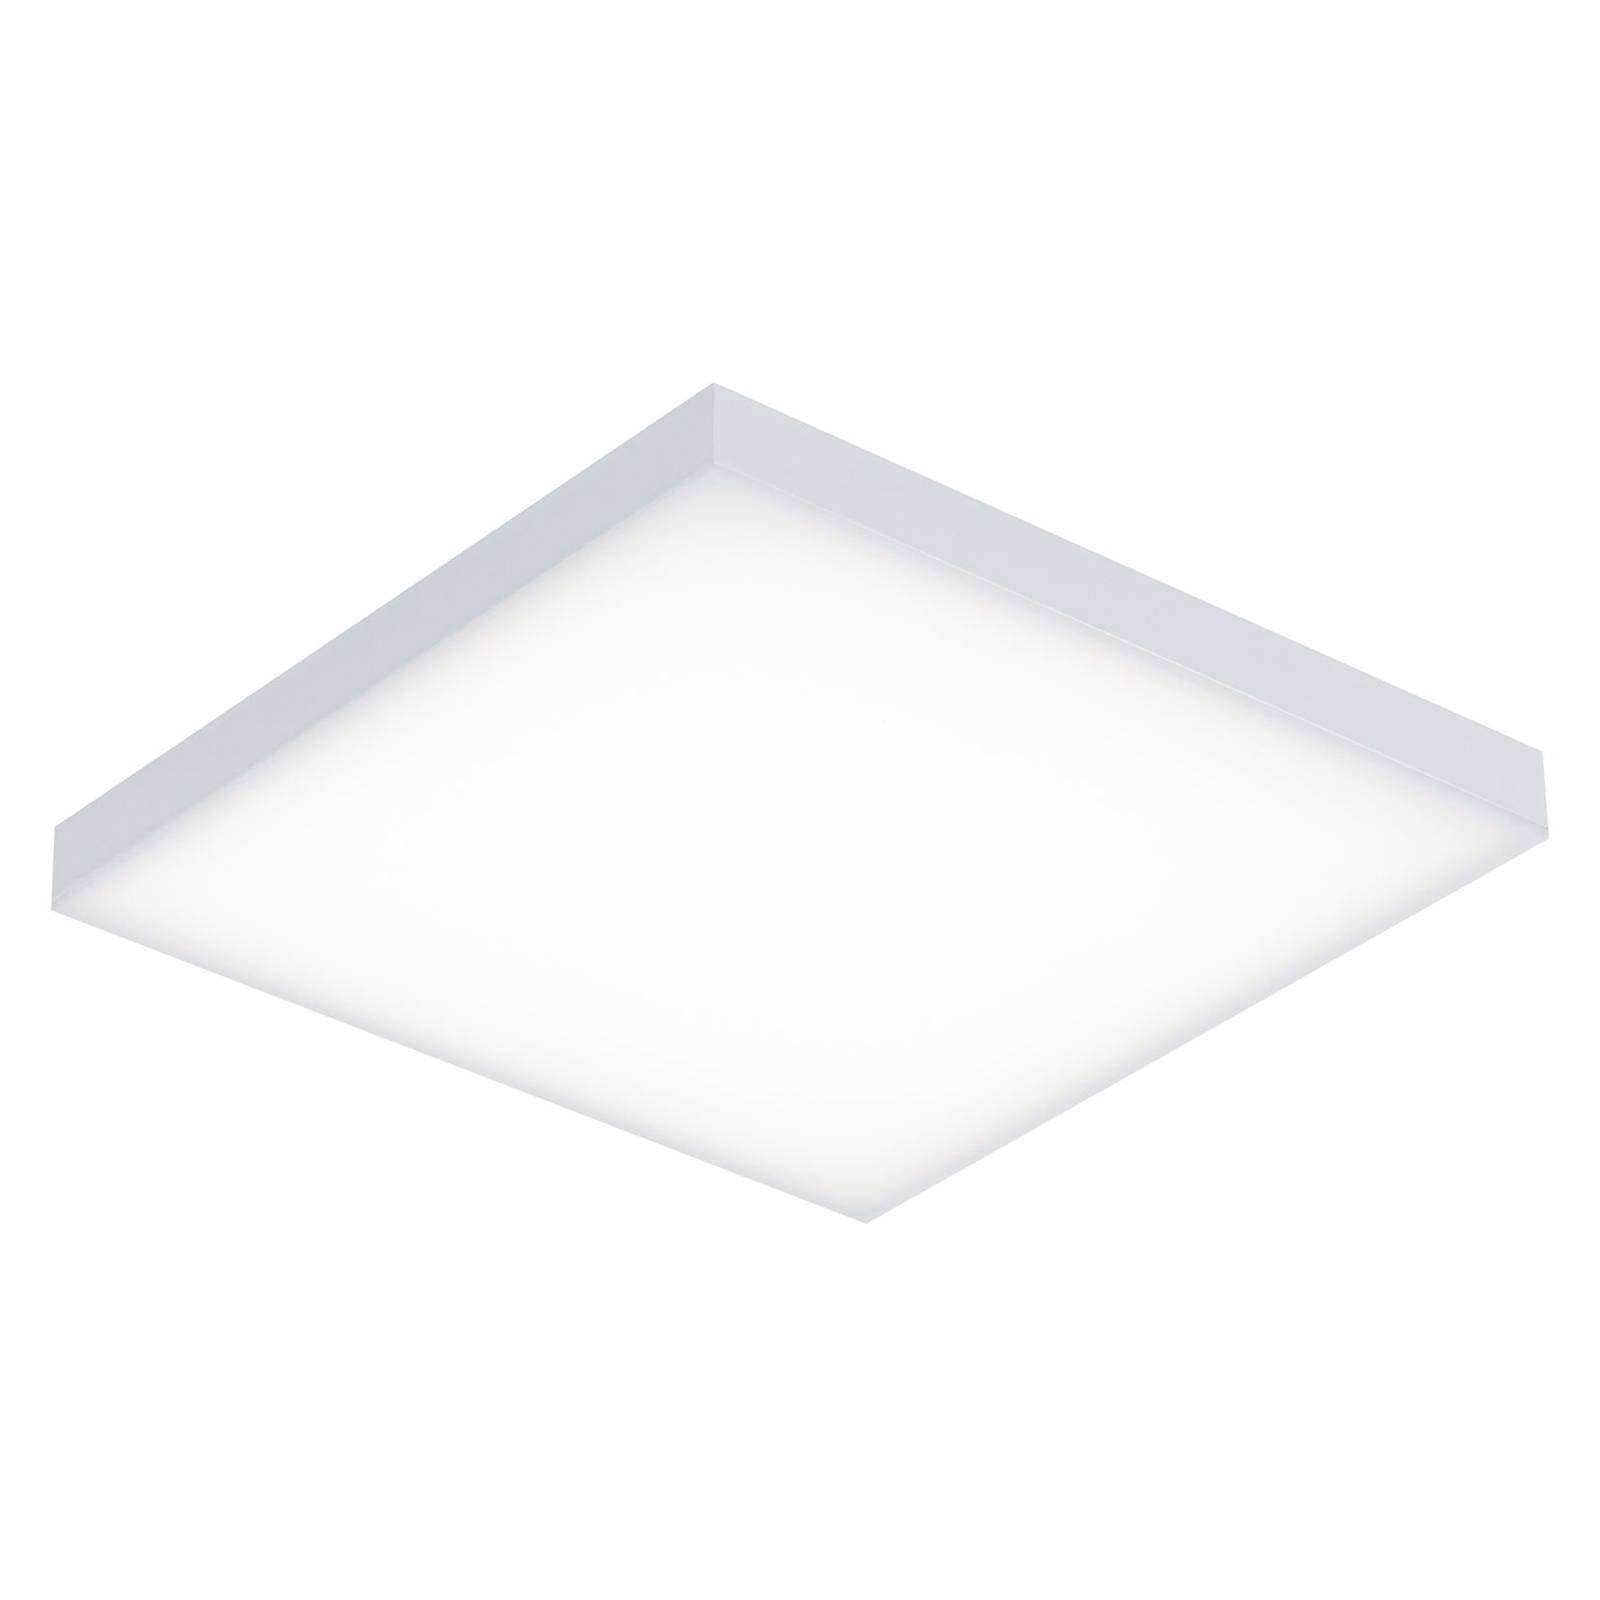 Paulmann Velora, LED-panel 3-ste-dim, 22,5x22,5 cm